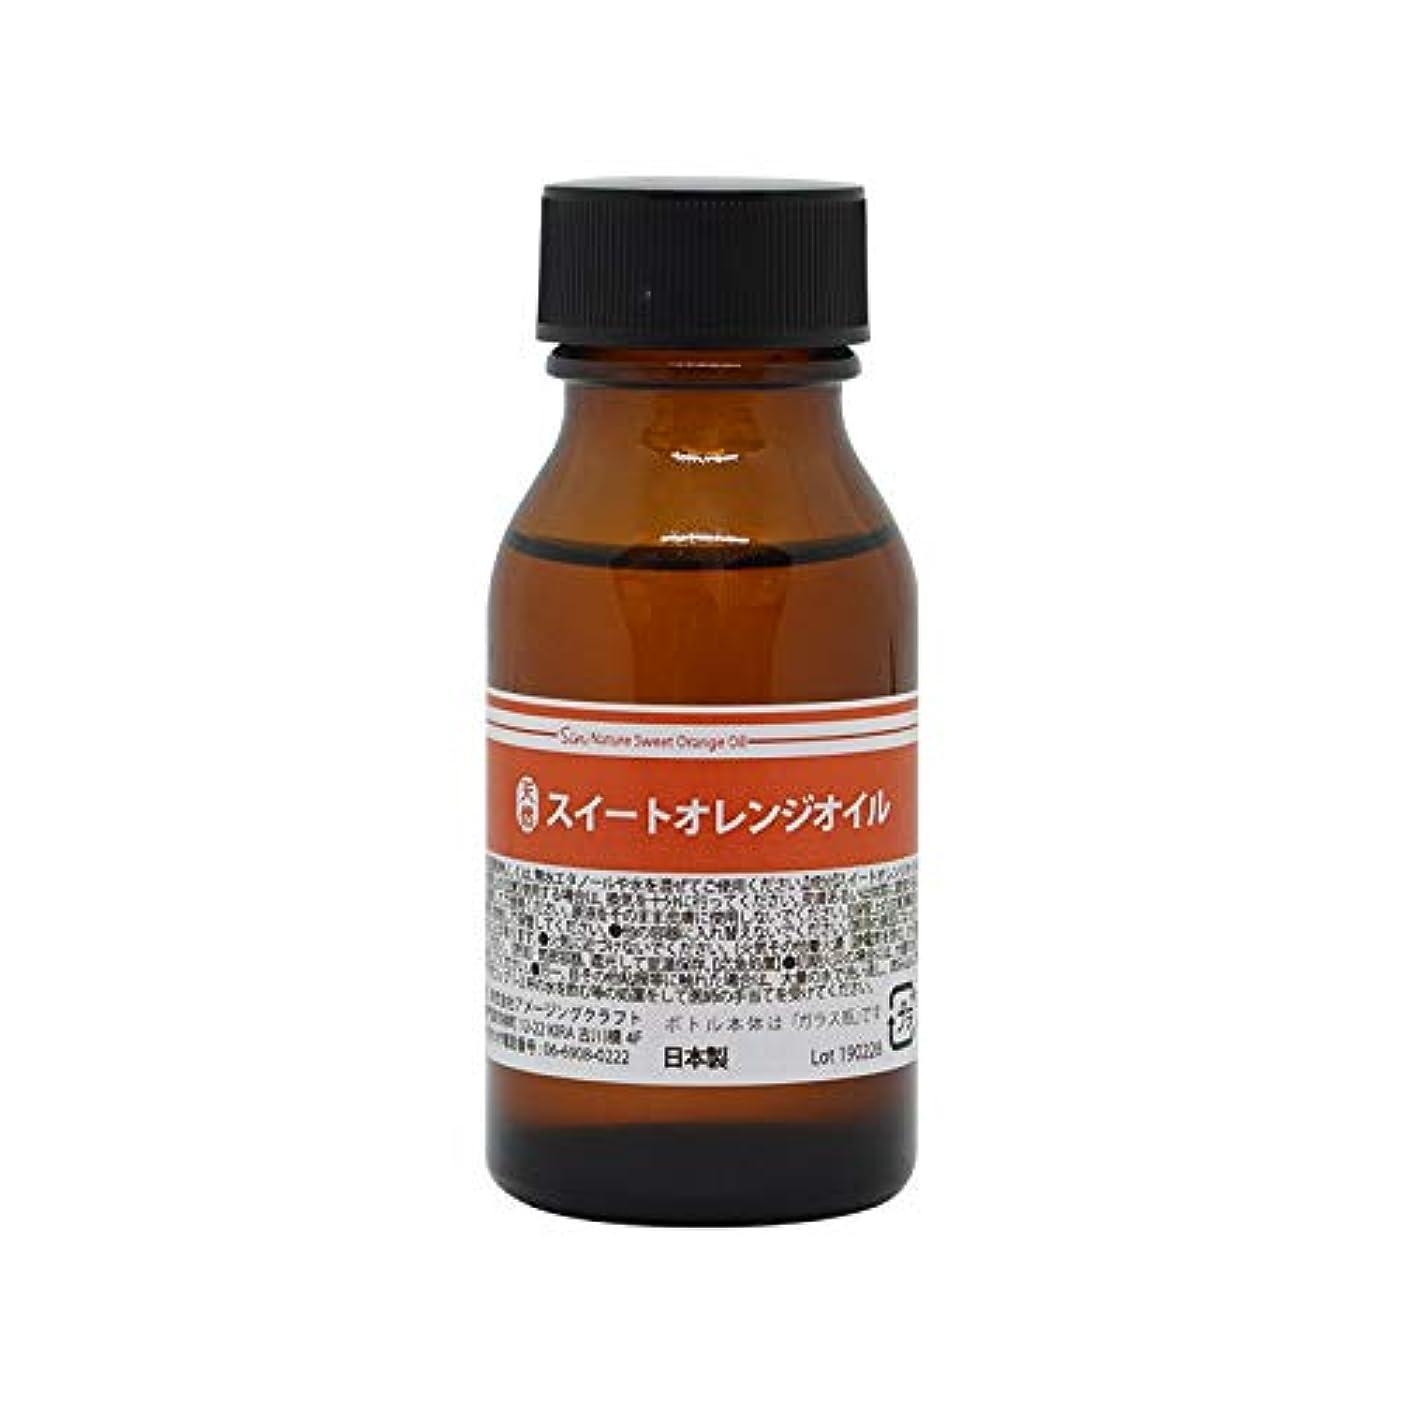 著作権によると反逆者天然100% スイートオレンジオイル 50ml (オレンジスイート) エッセンシャルオイル